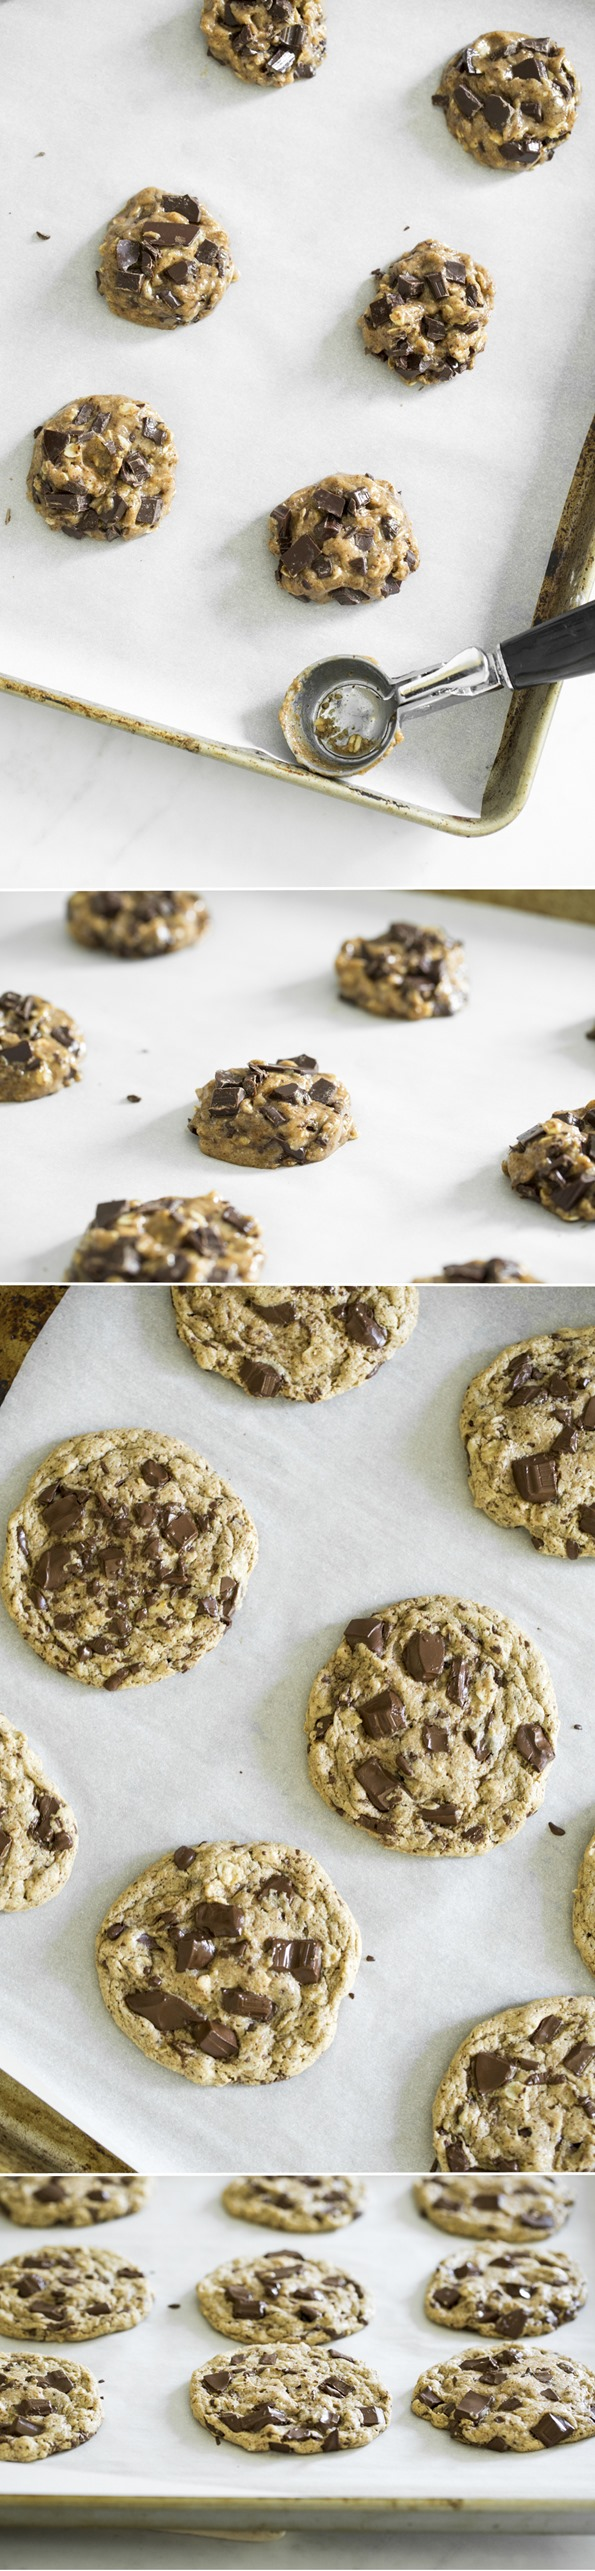 ohsheglowsveganchocolatechunkcookies